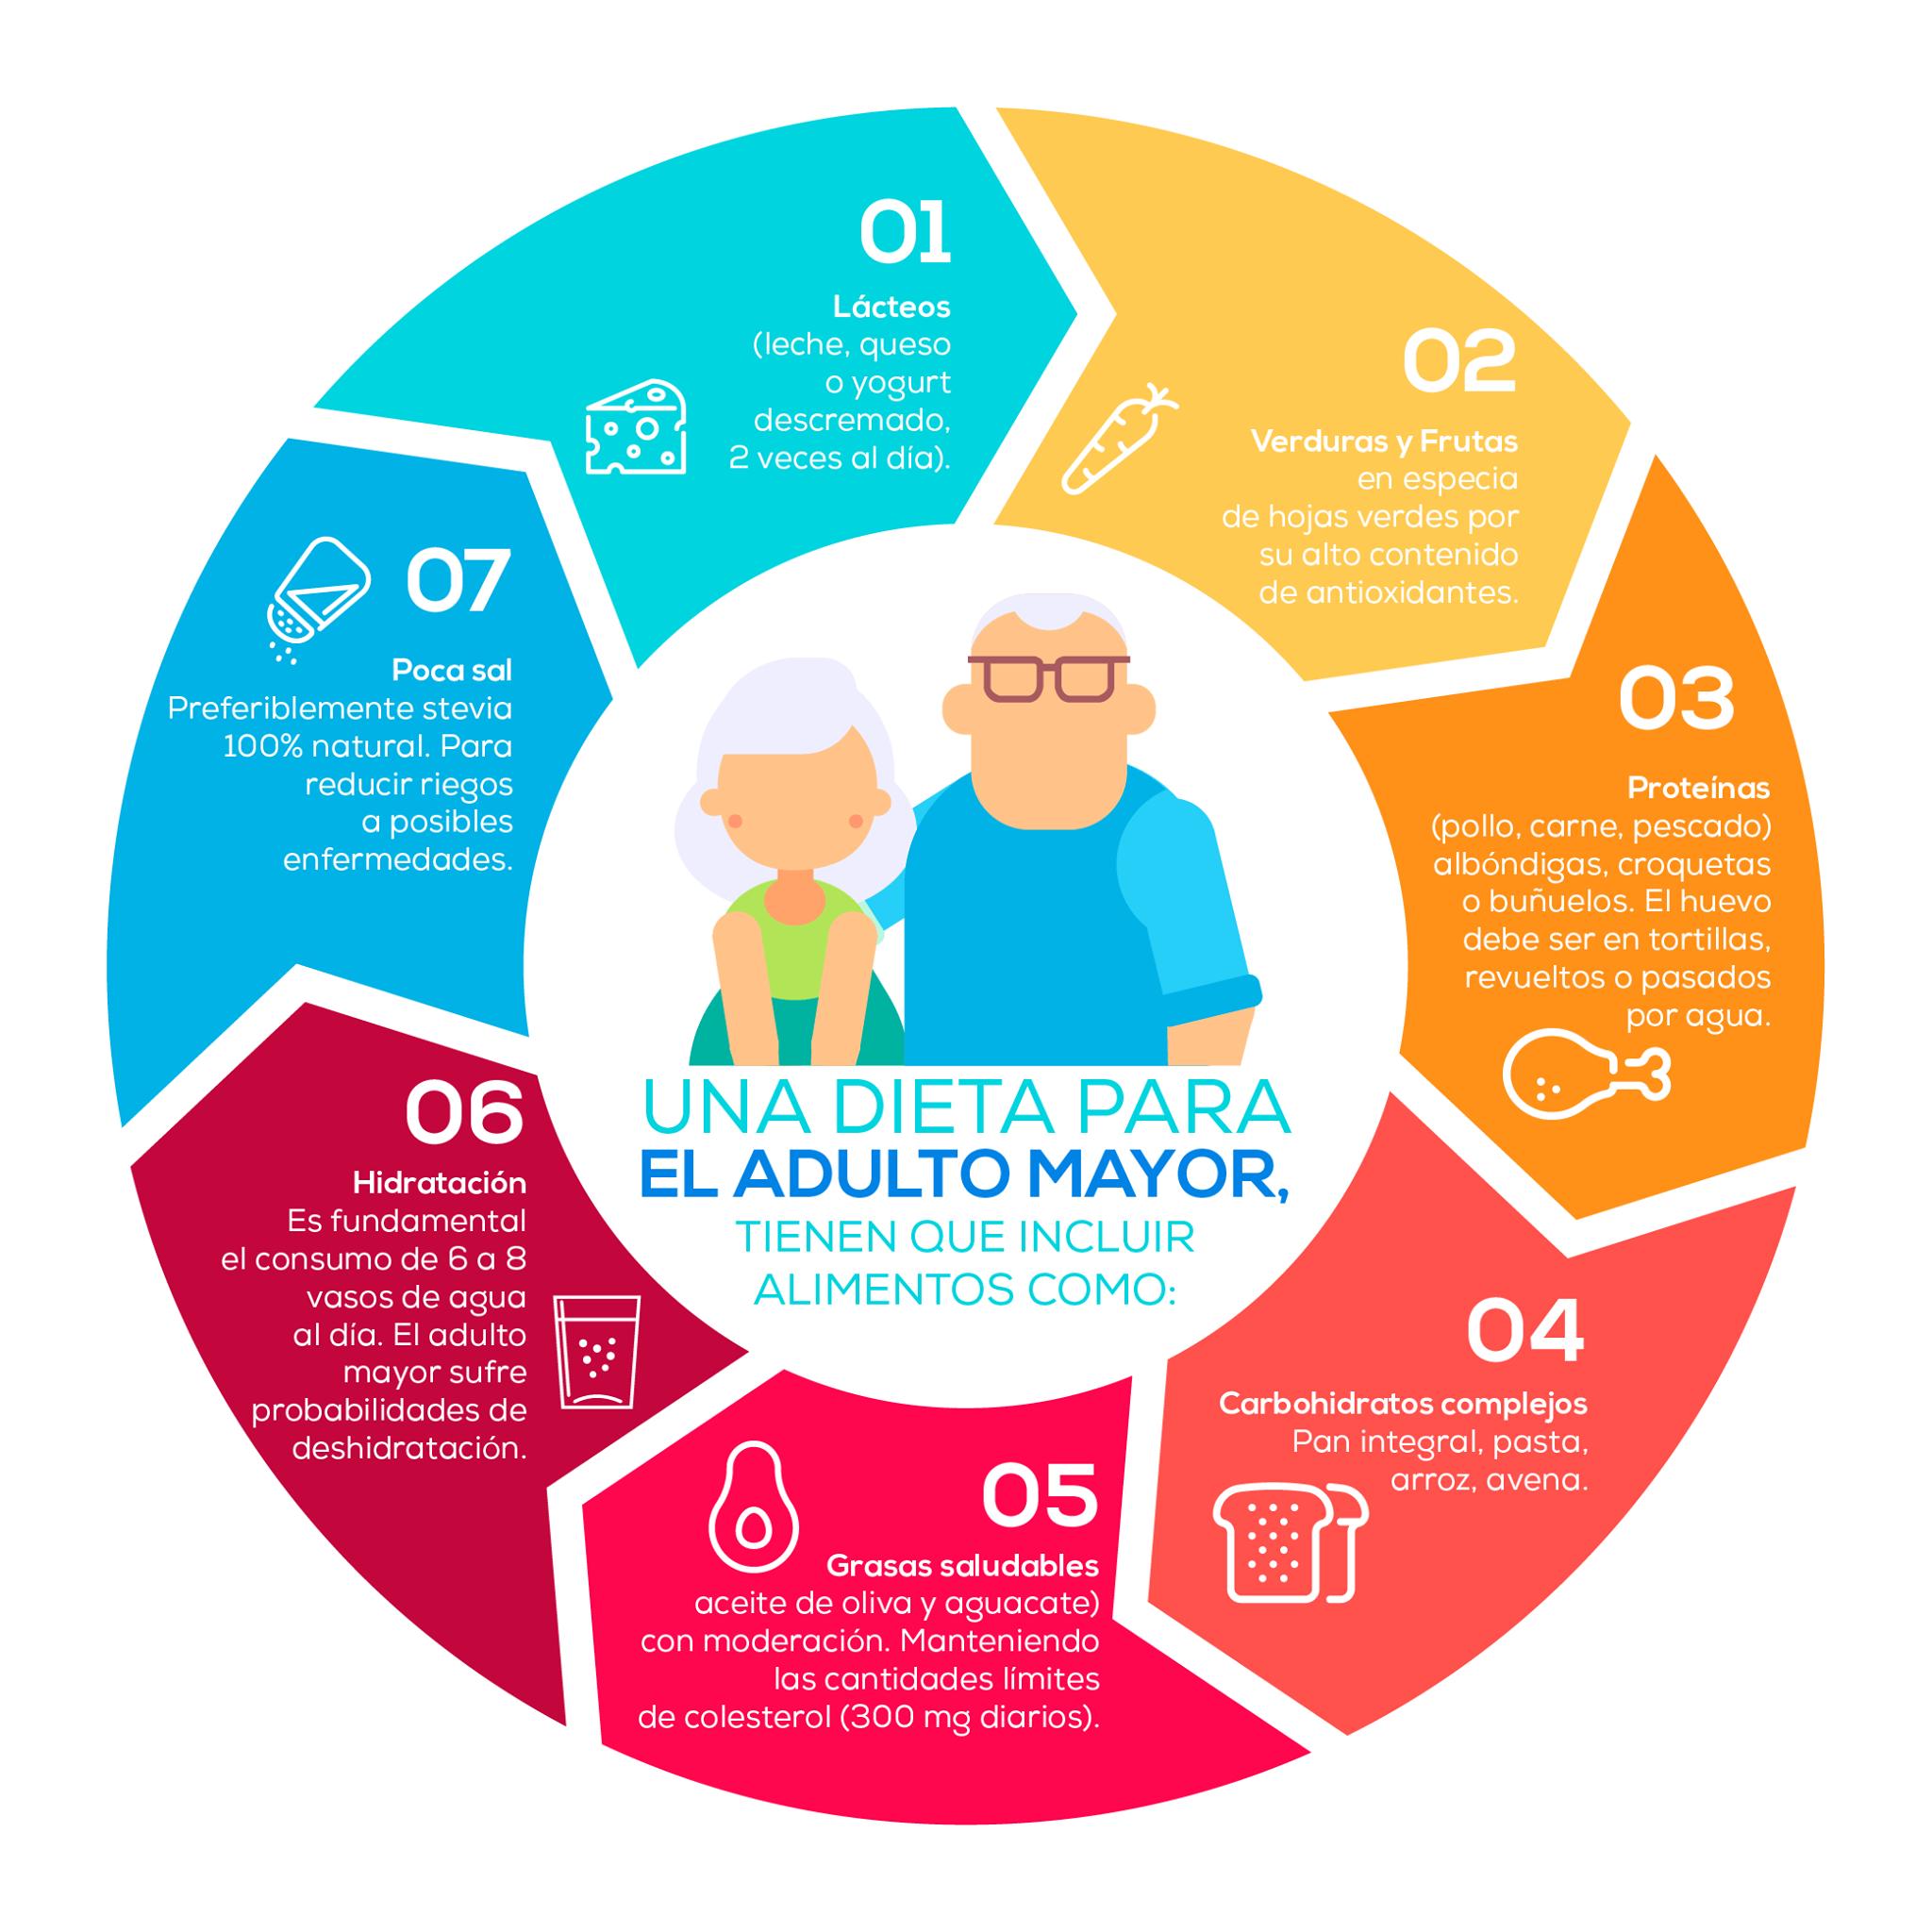 Dieta Equilibrada Para El Adulto Mayor Adulto Mayor Dieta Equilibrada Educación Para La Salud